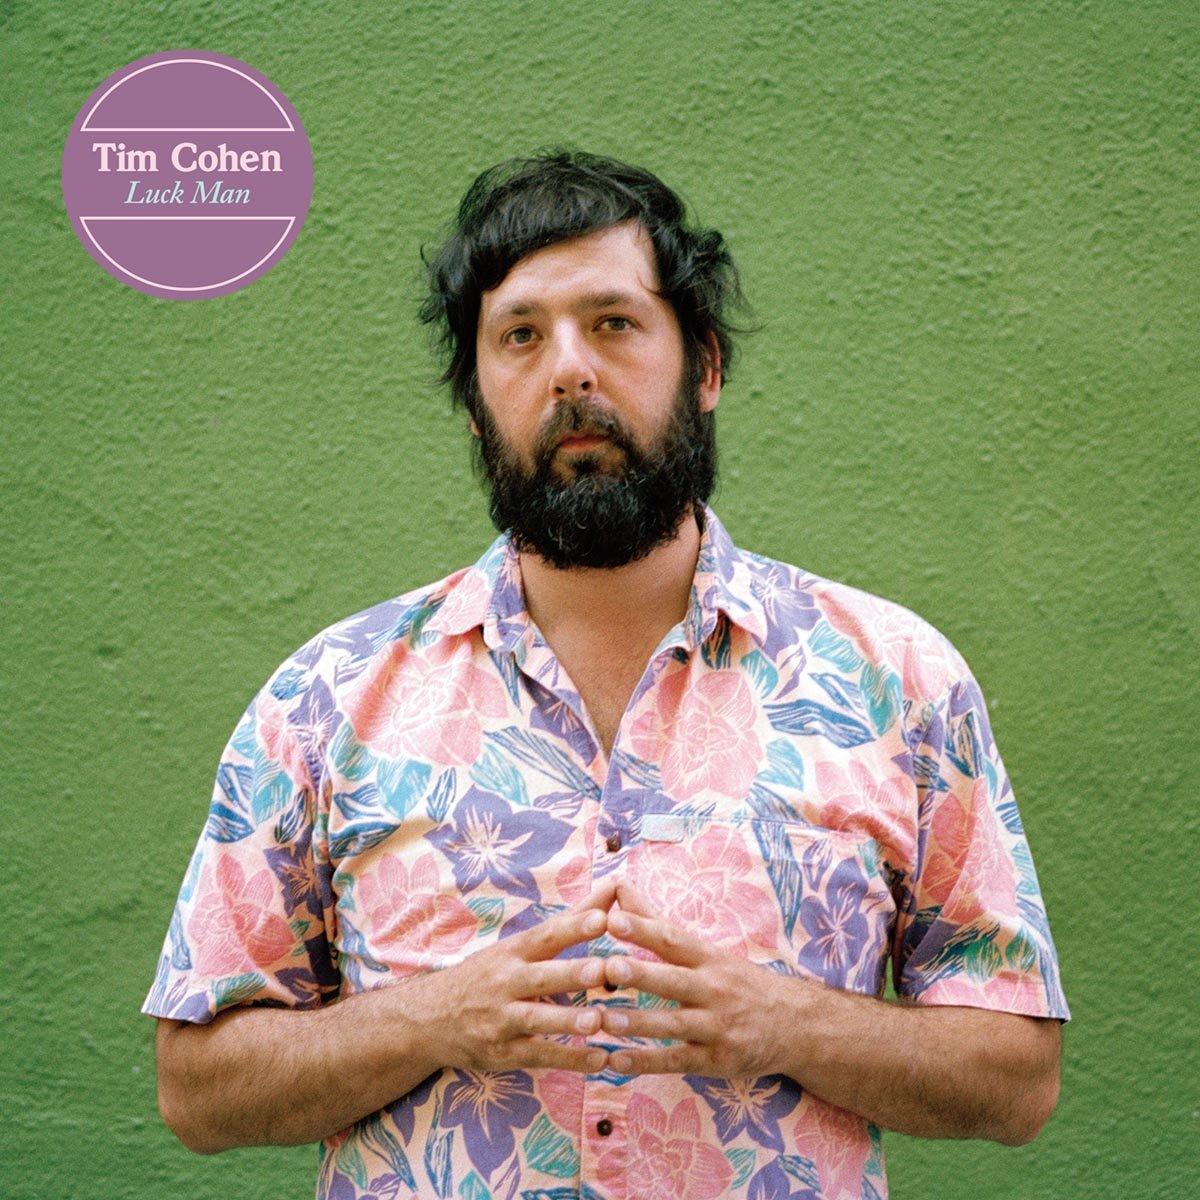 Vinilo : Tim Cohen - Luck Man (Digital Download Card)